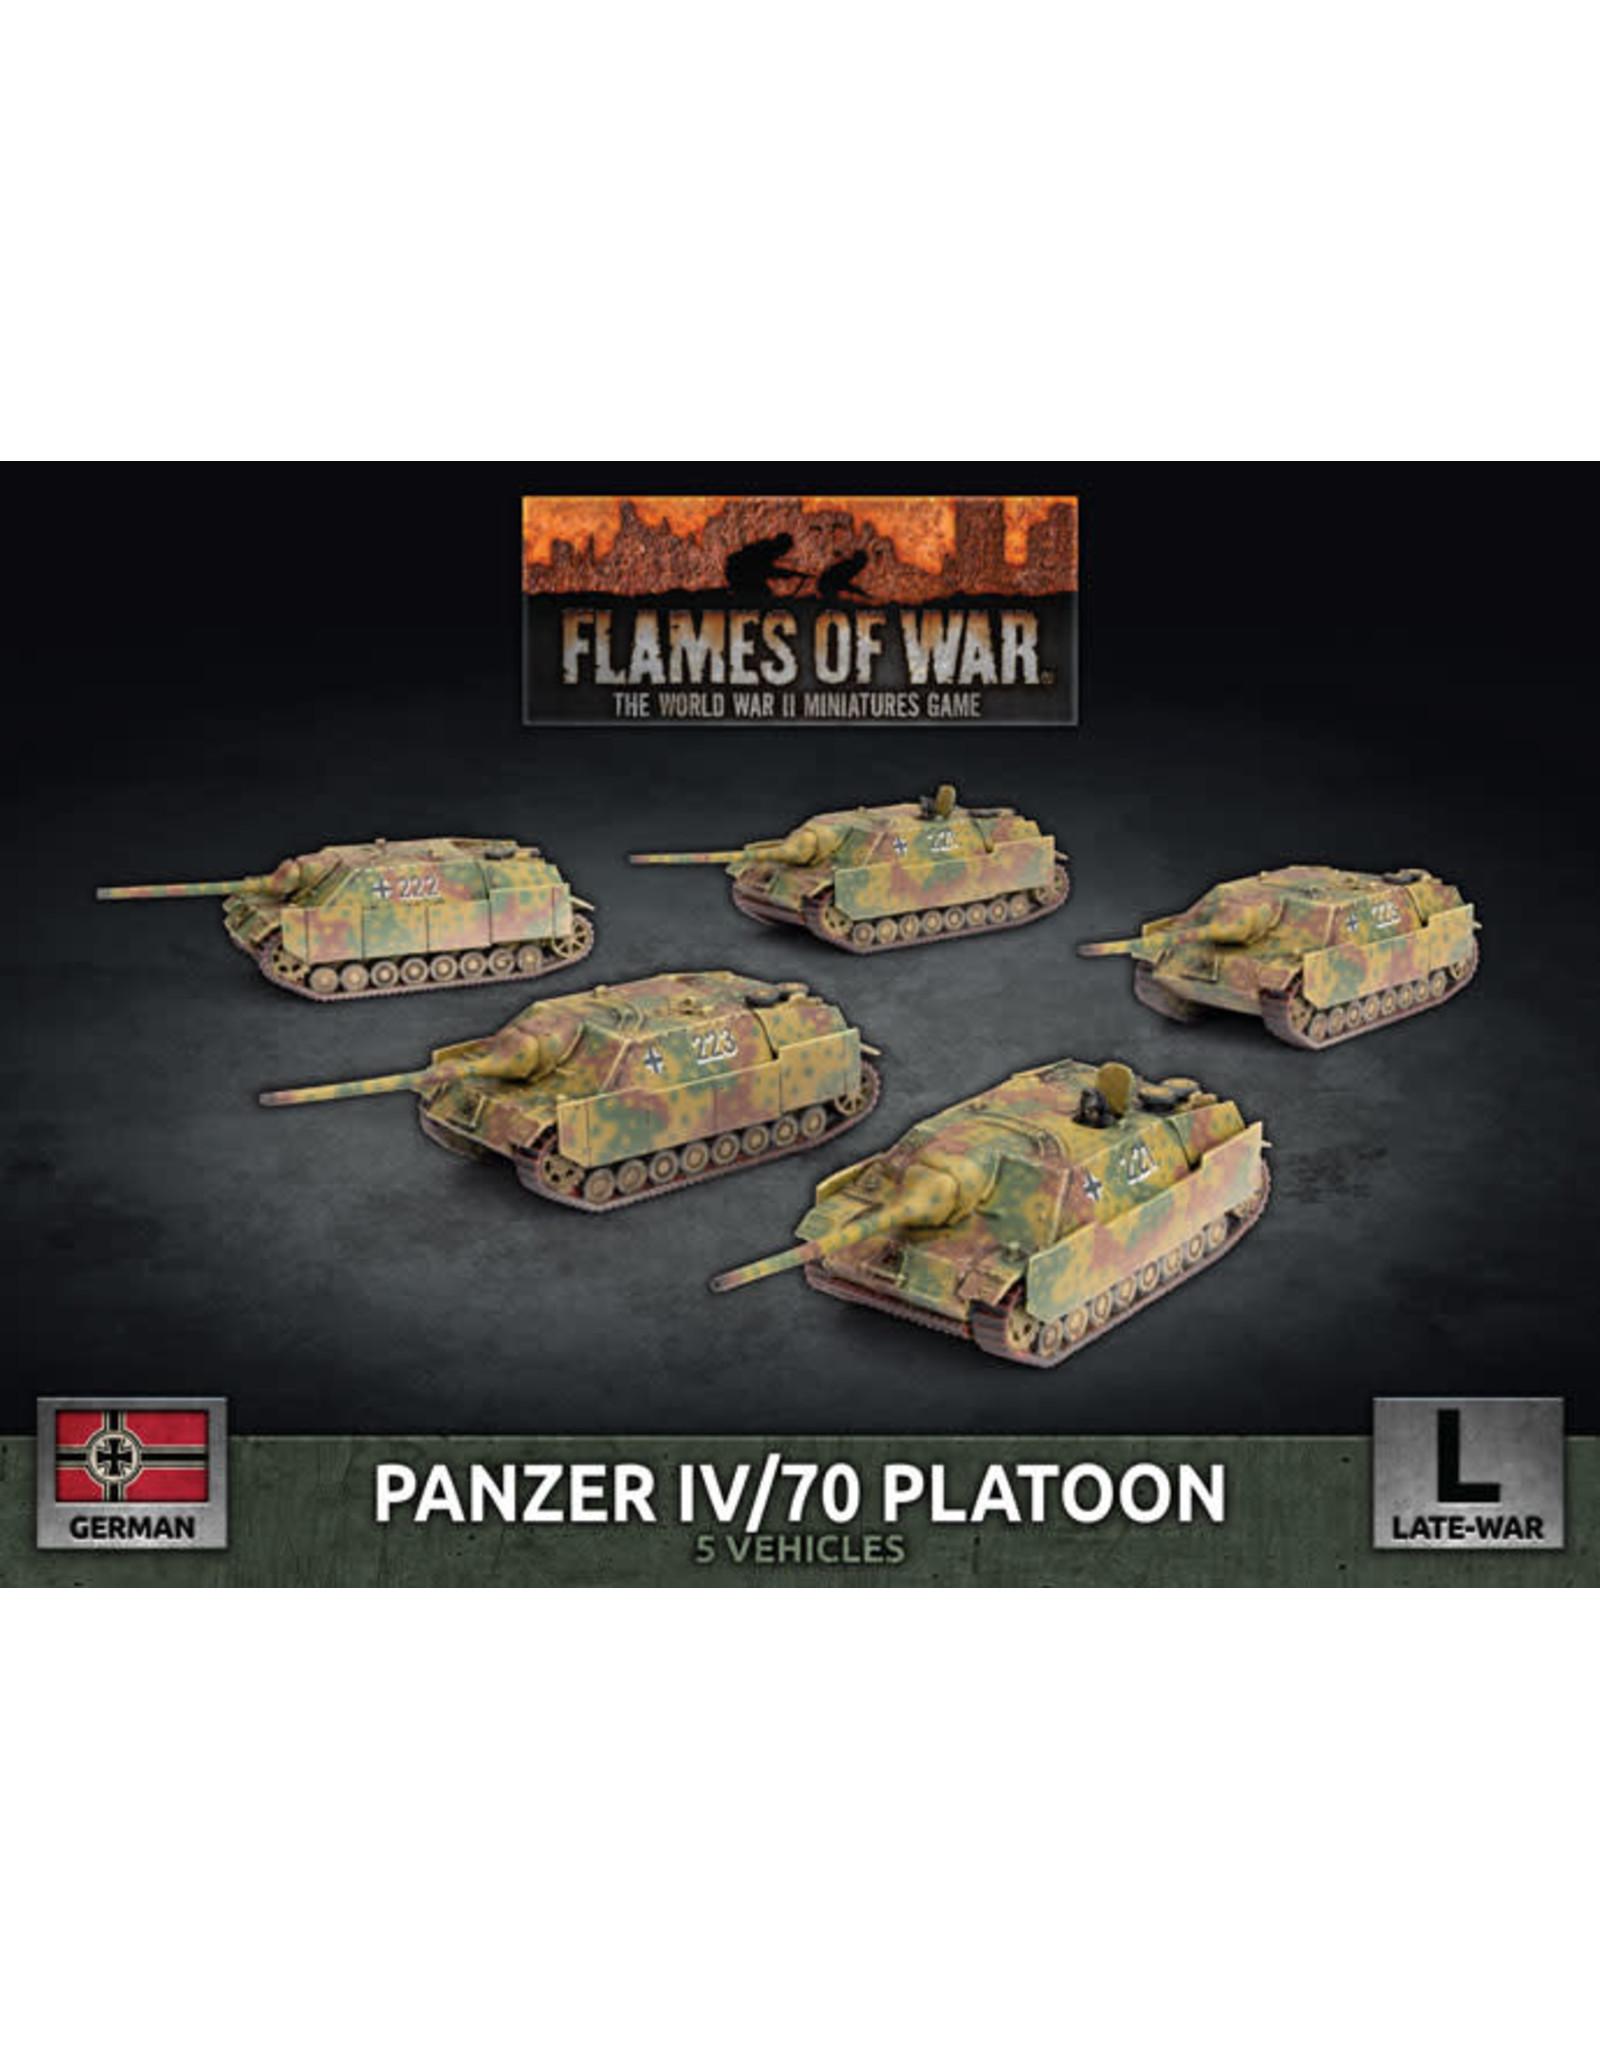 Battlefront Miniatures Panzer IV/70 Platoon